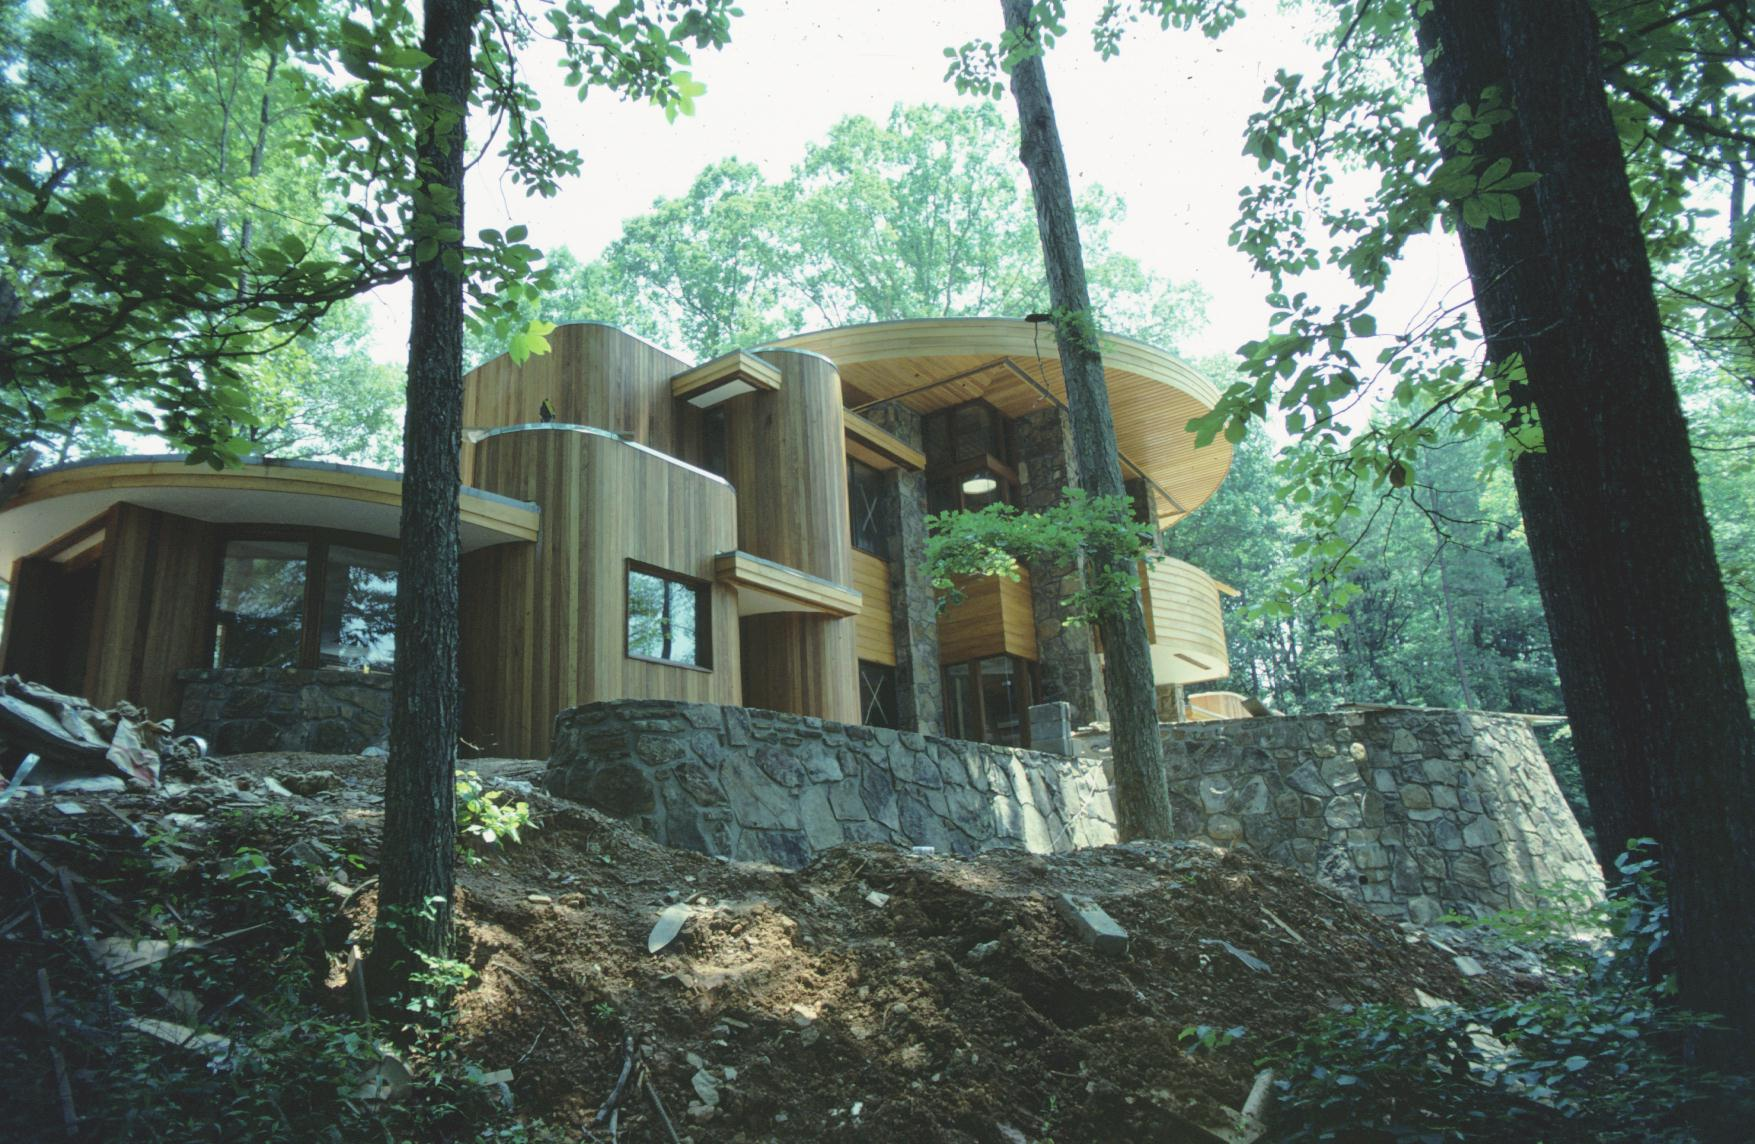 Bob green smith house smith exterior 2 jpg 352765 bytes the smith house